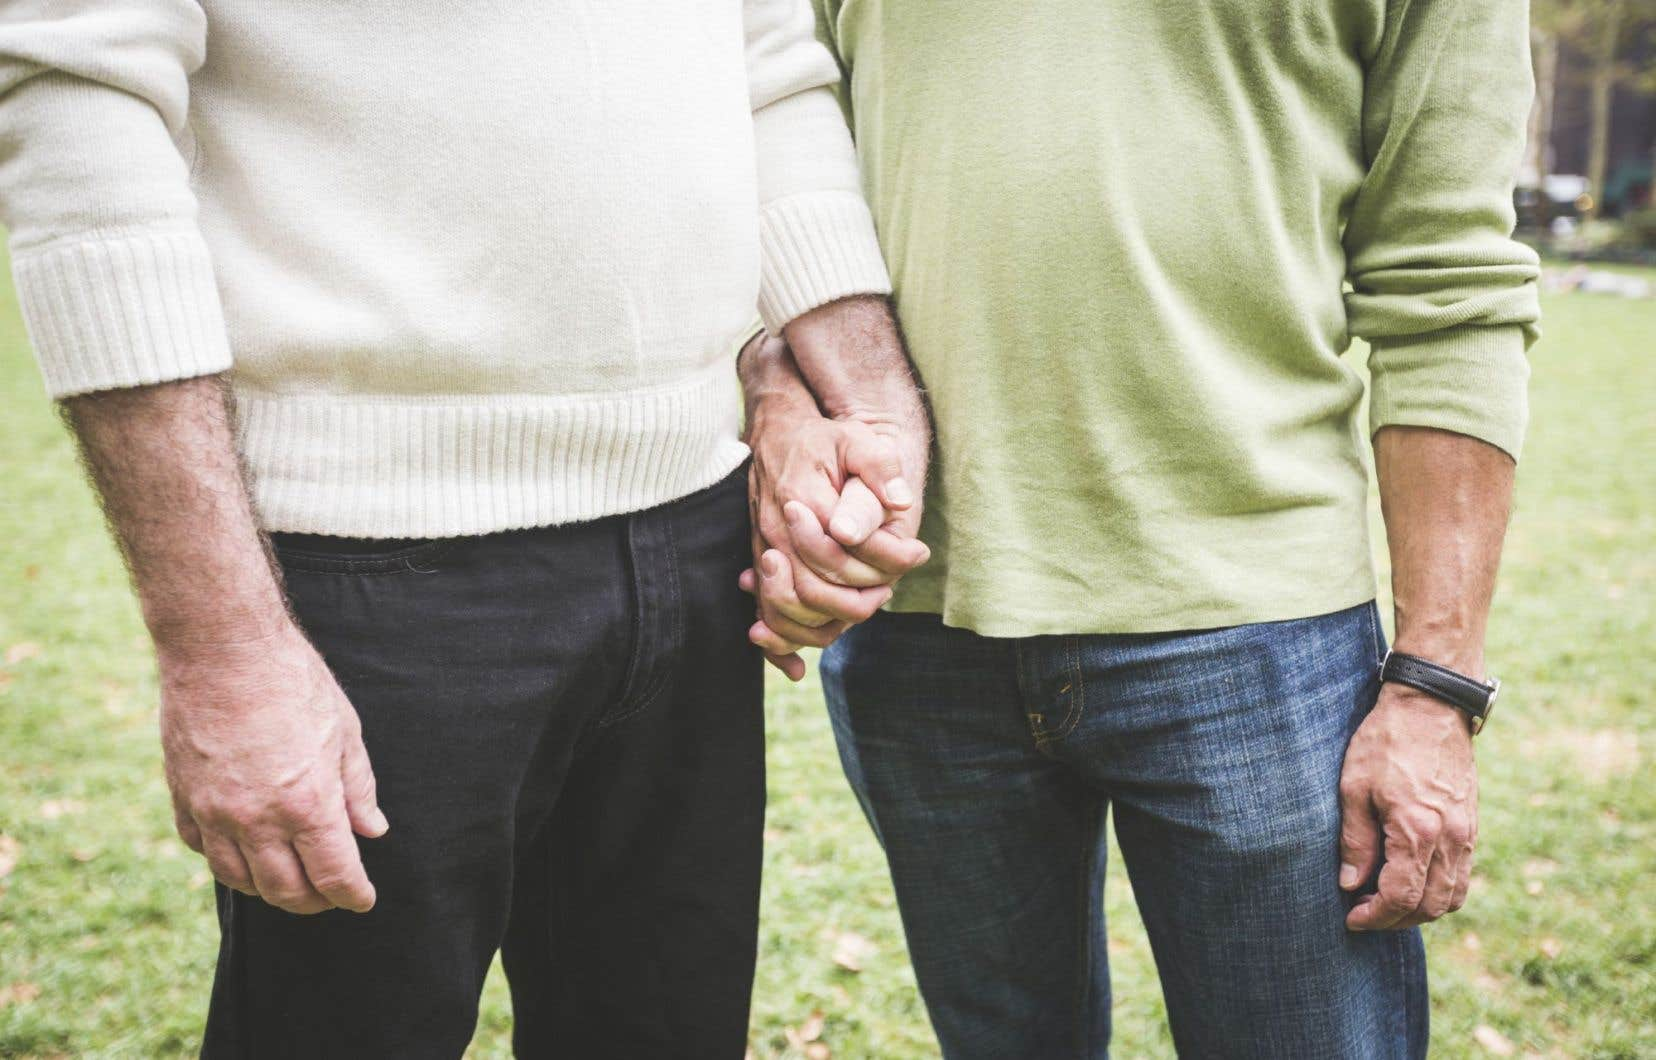 Dans les grands combats menés par les personnes LGBT, il y a certainement eu celui de déconstruire cette fausse perception qui associait l'homosexualité à la déviance sexuelle et à la pédophilie.